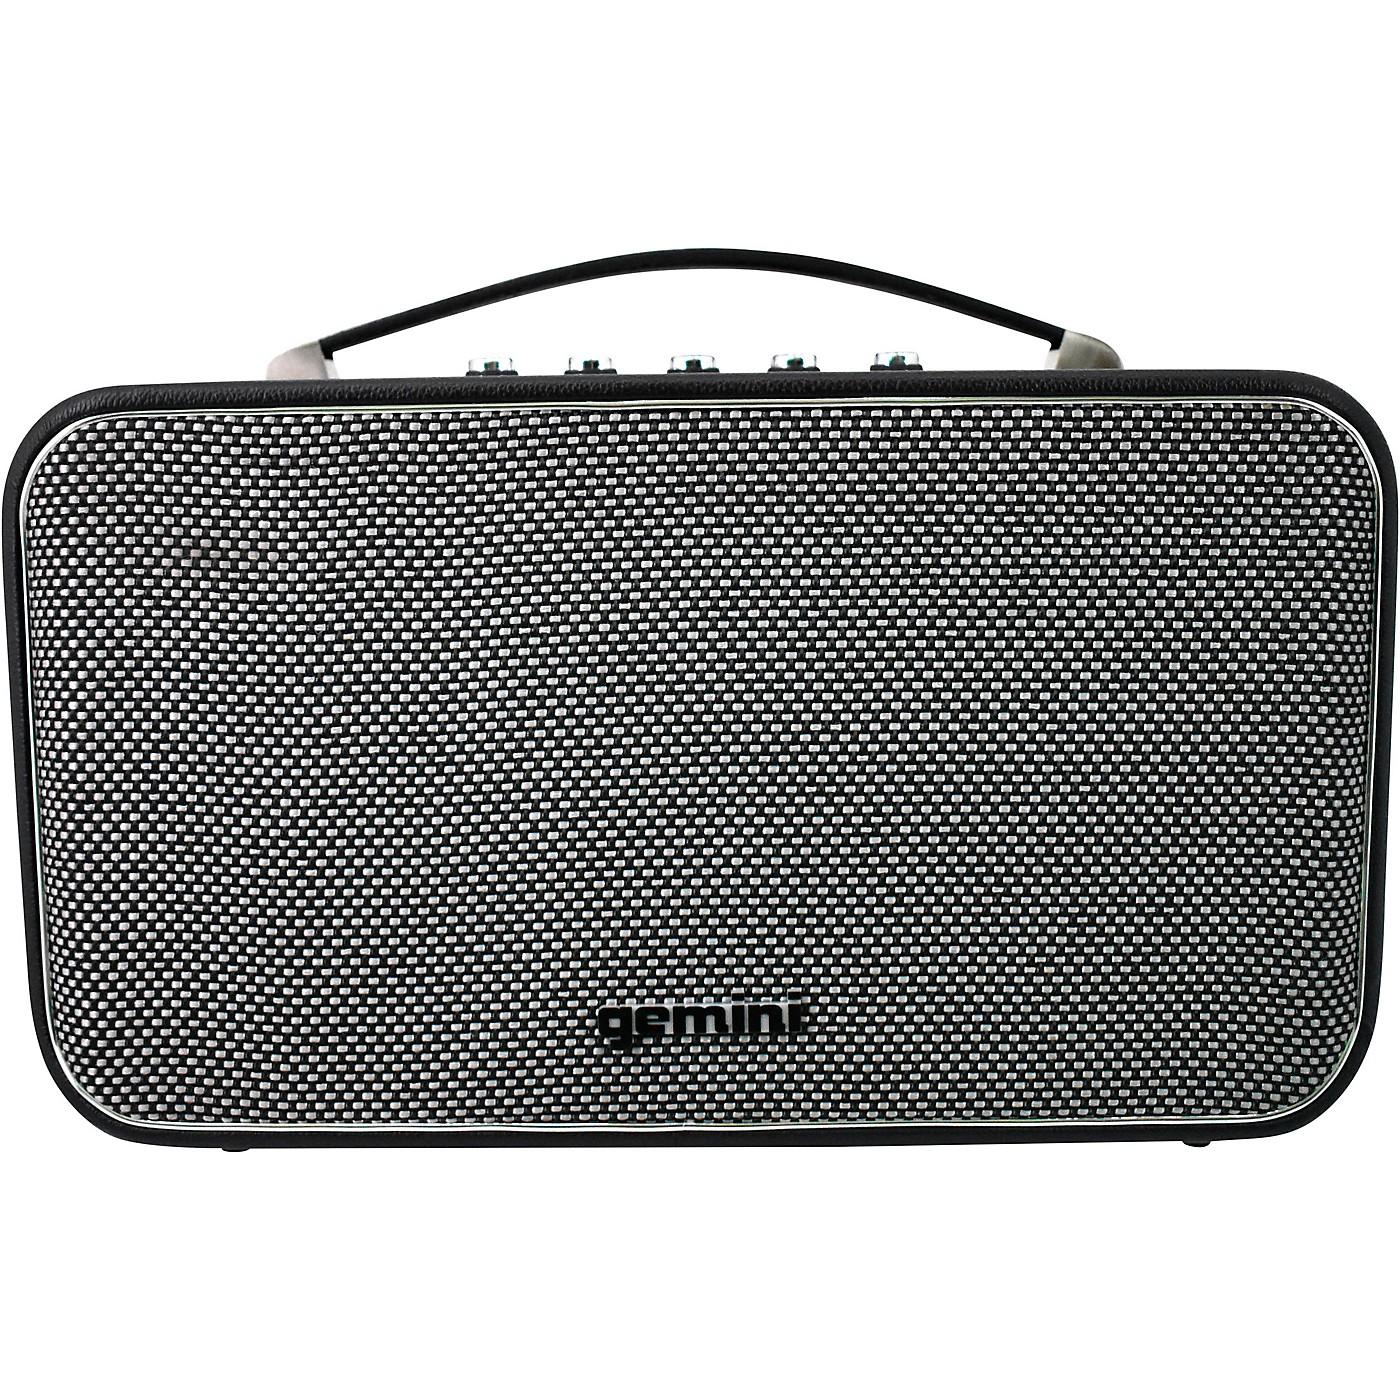 Gemini GTR-400 Bluetooth Stereo Speaker thumbnail